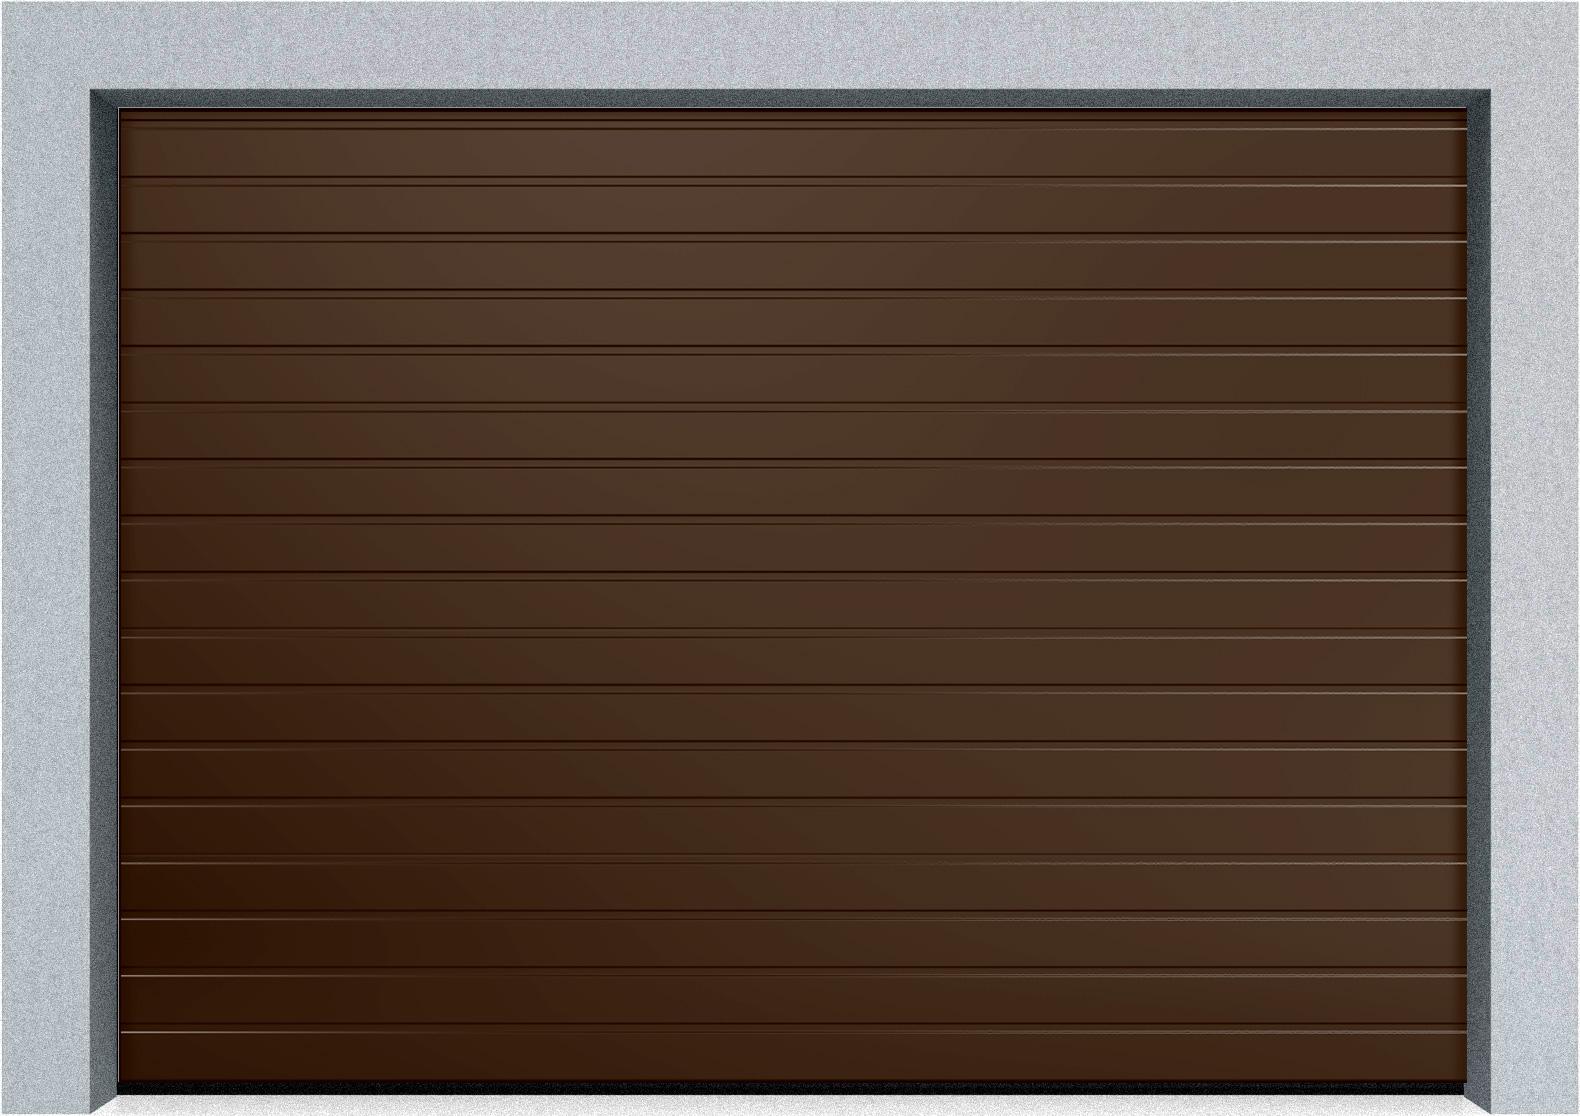 Секционные промышленные ворота Alutech ProTrend 2750х2250 S-гофр, Микроволна стандартные цвета, фото 2